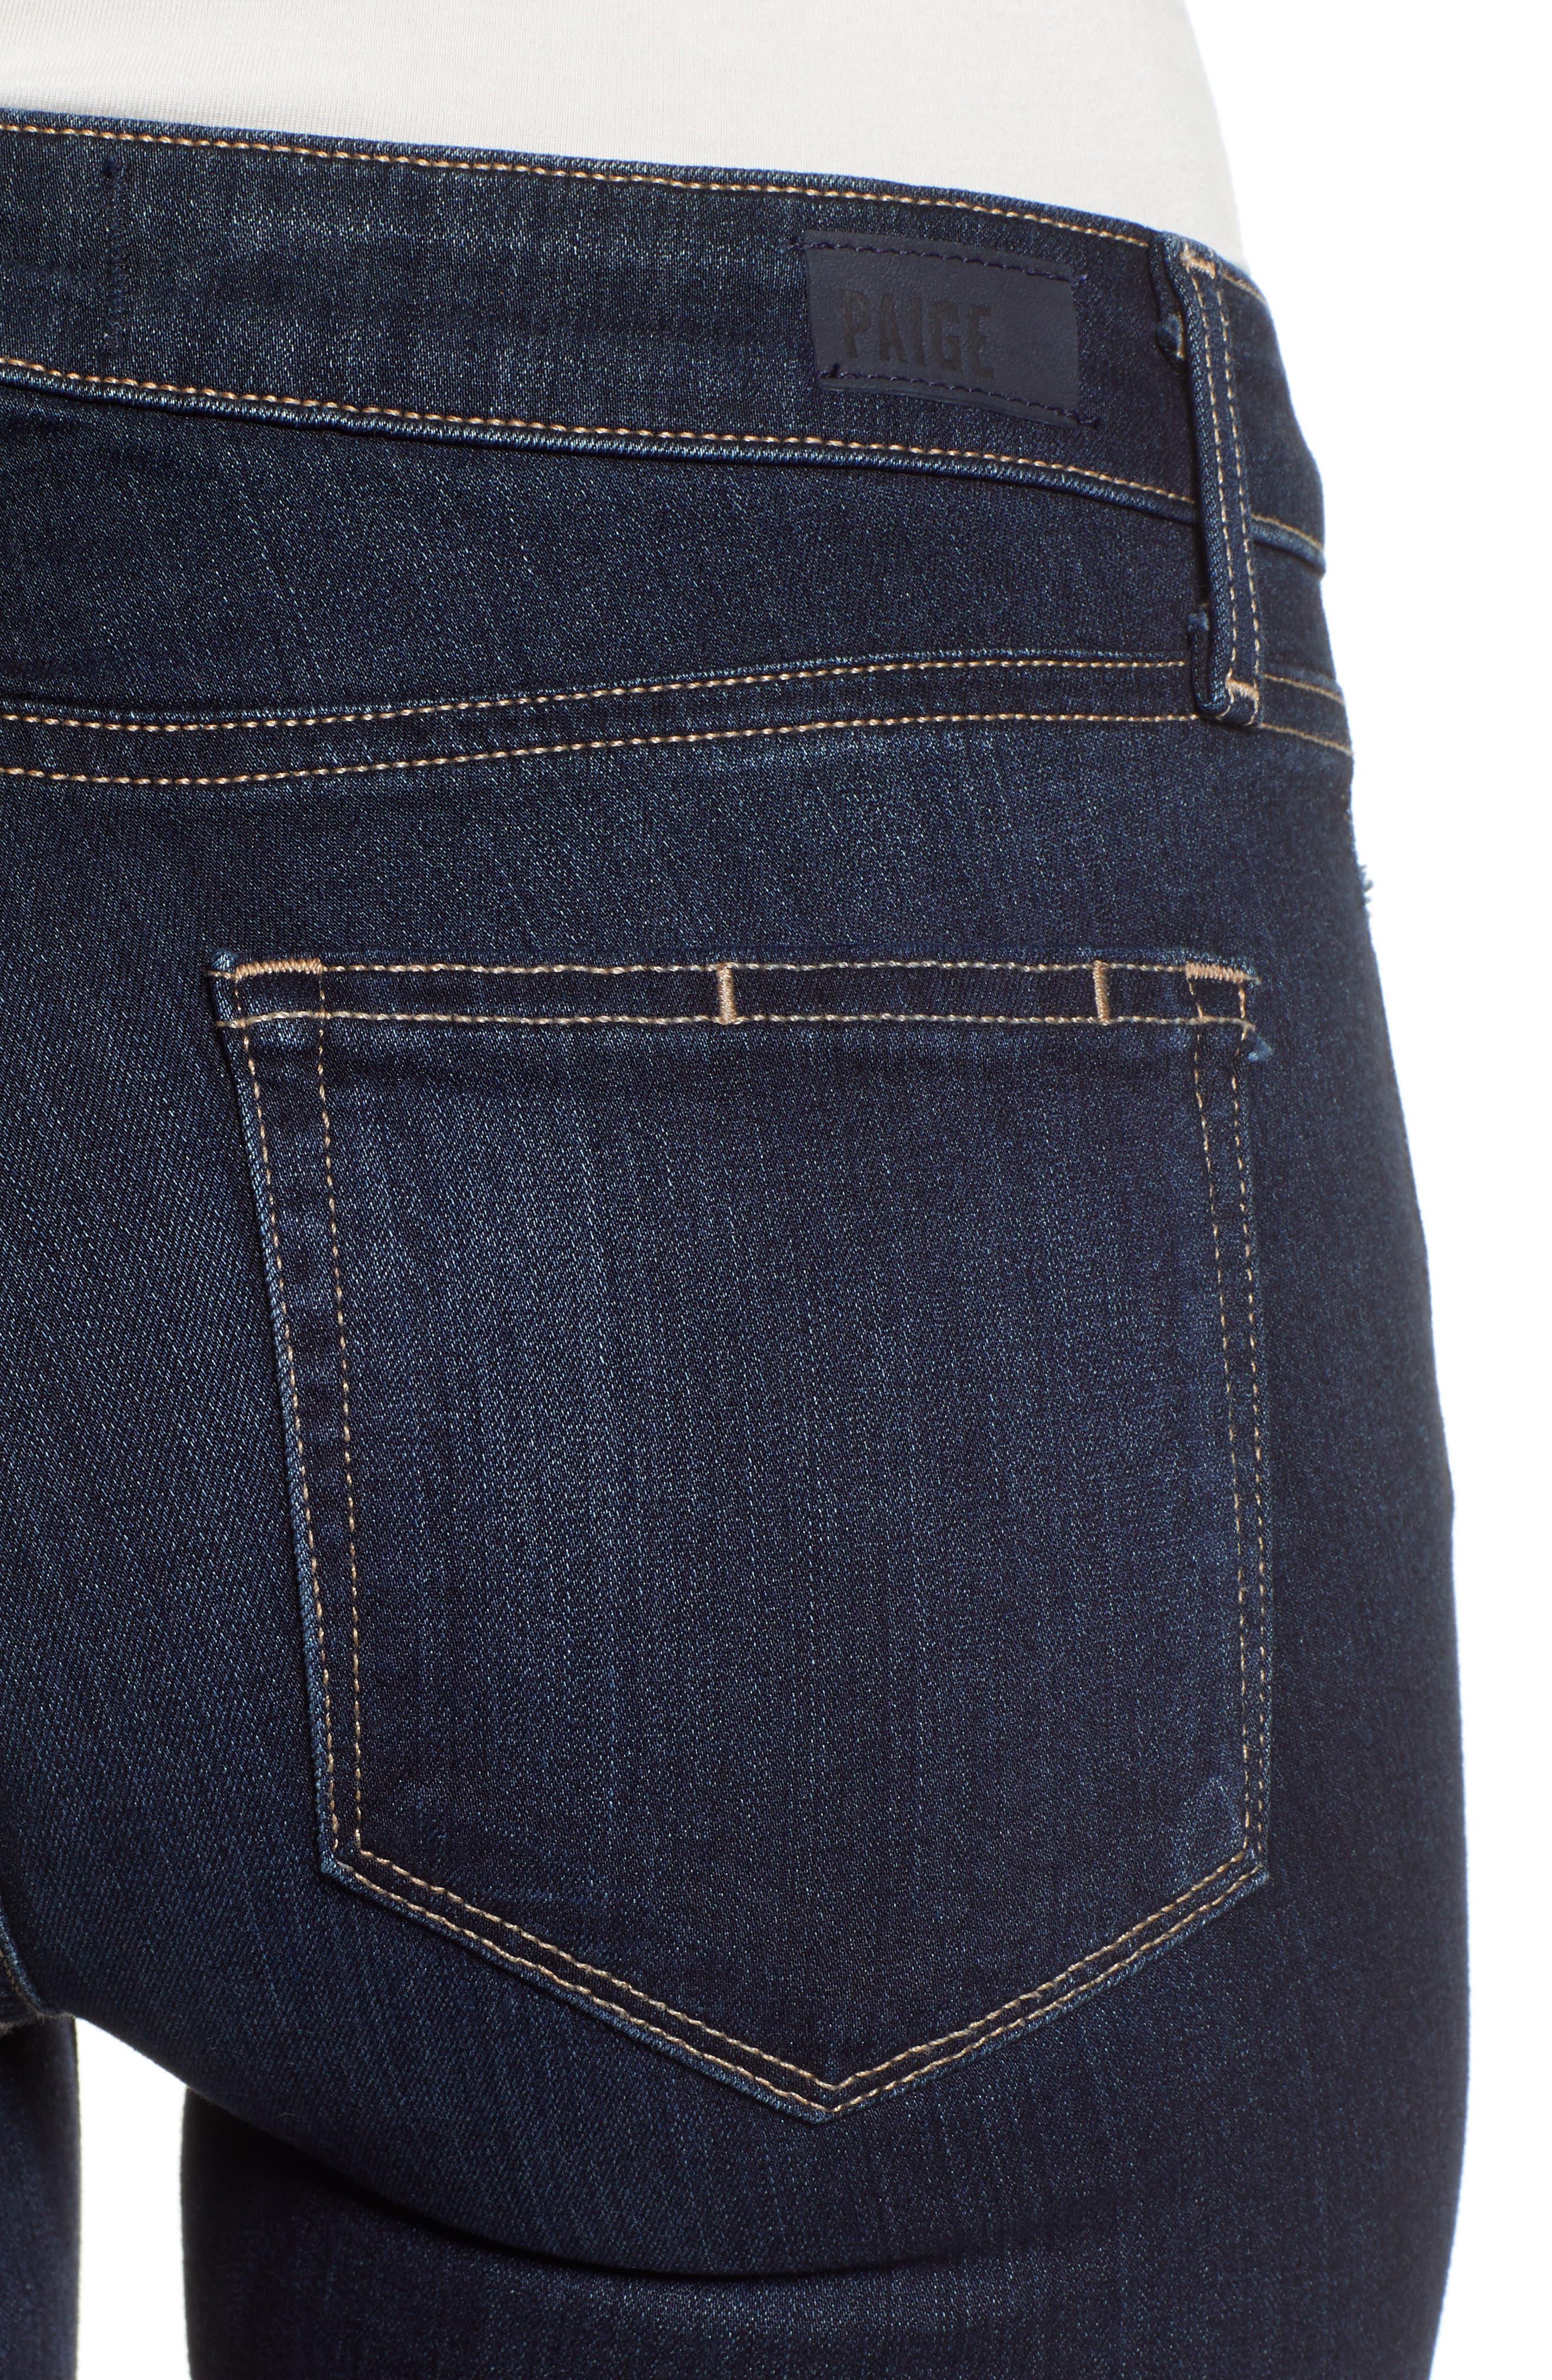 Transcend - Skyline Straight Leg Jeans,                             Alternate thumbnail 4, color,                             GARDENA